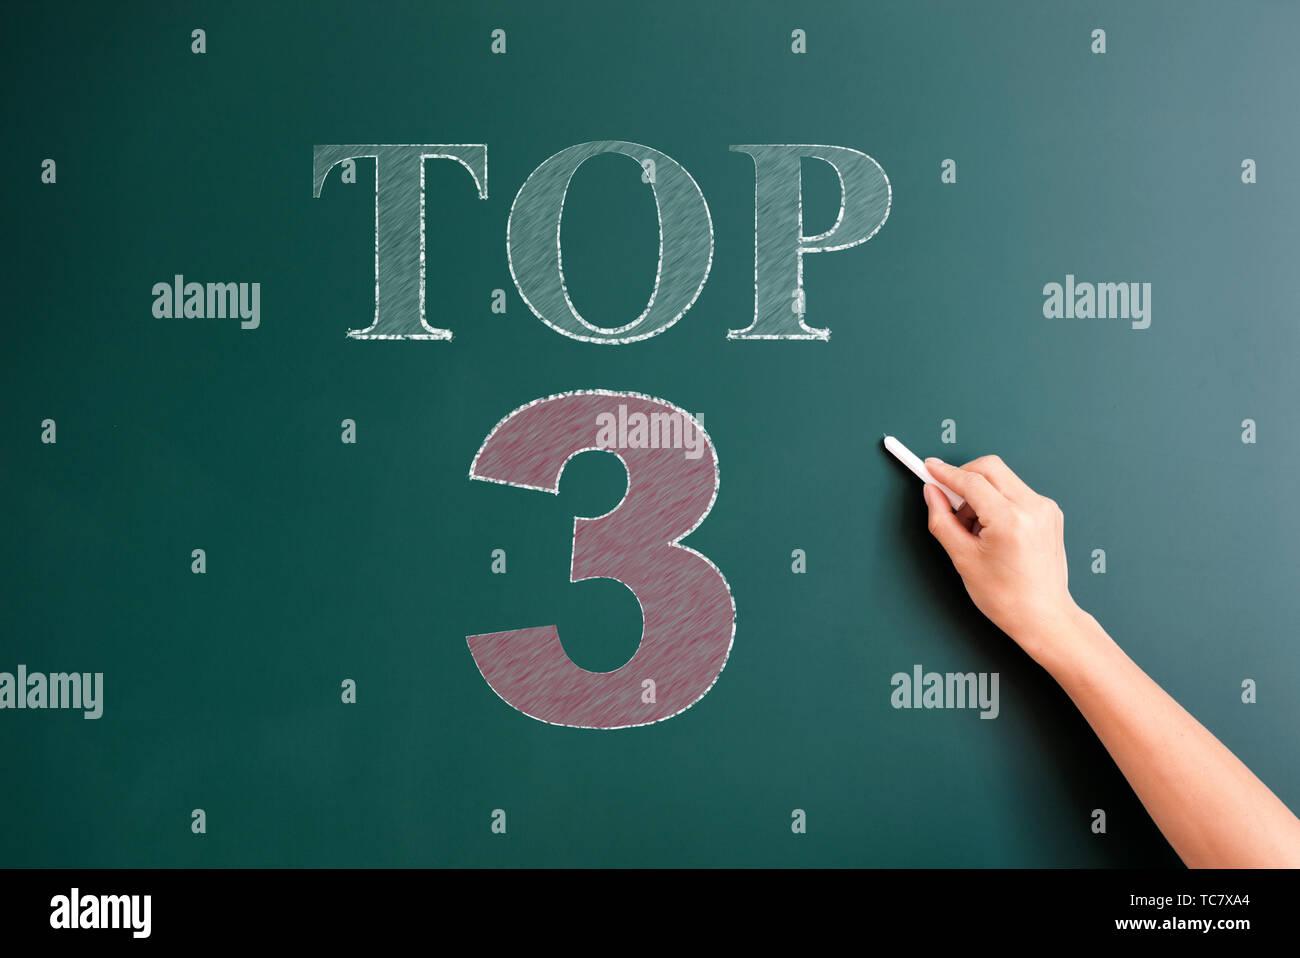 top 3 written on blackboard - Stock Image